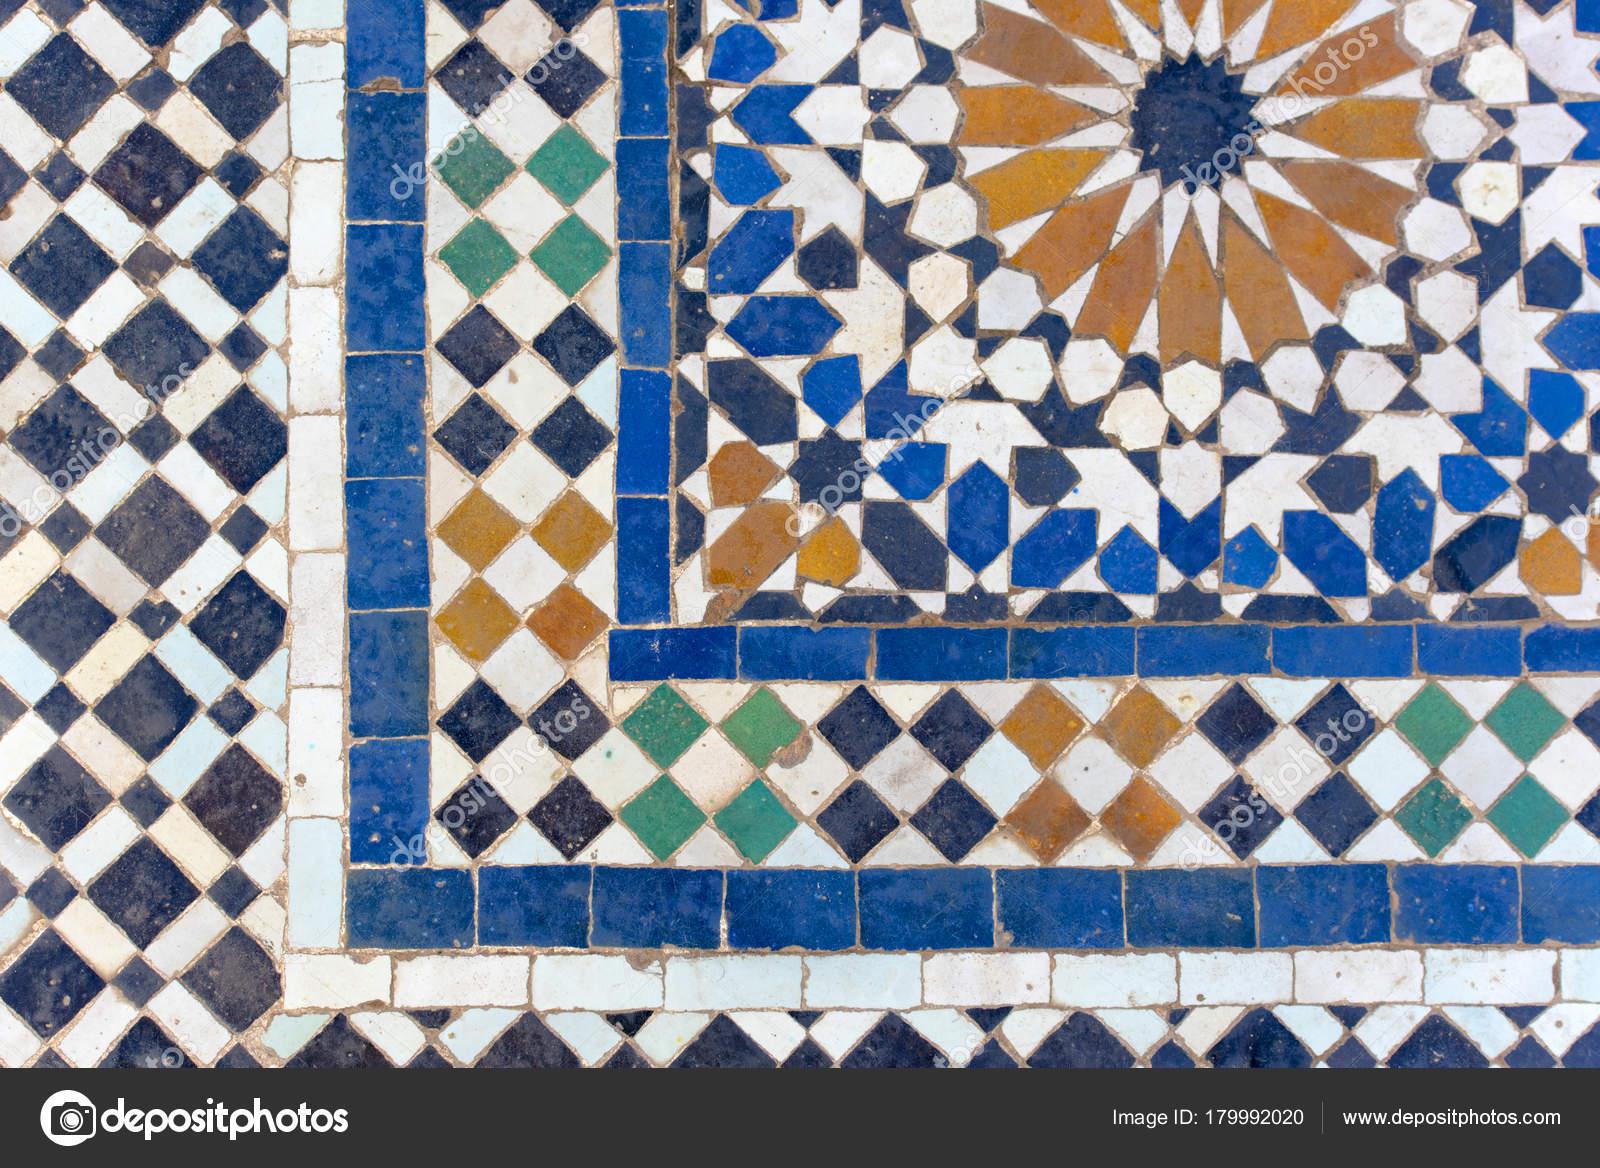 Moroccan Ceramic Tile - Ivoiregion